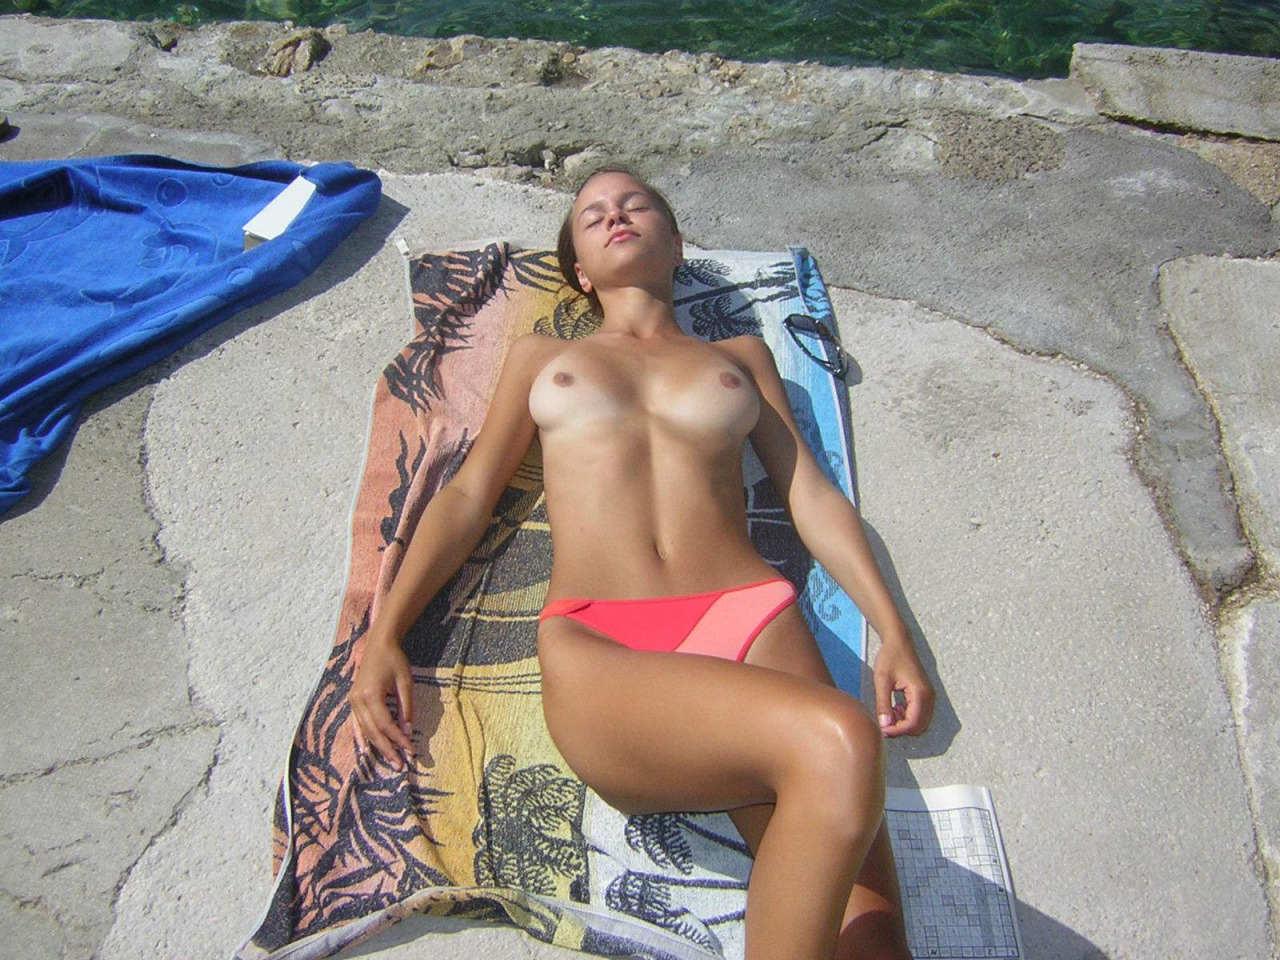 クロアチアヌーディストビーチ (10)